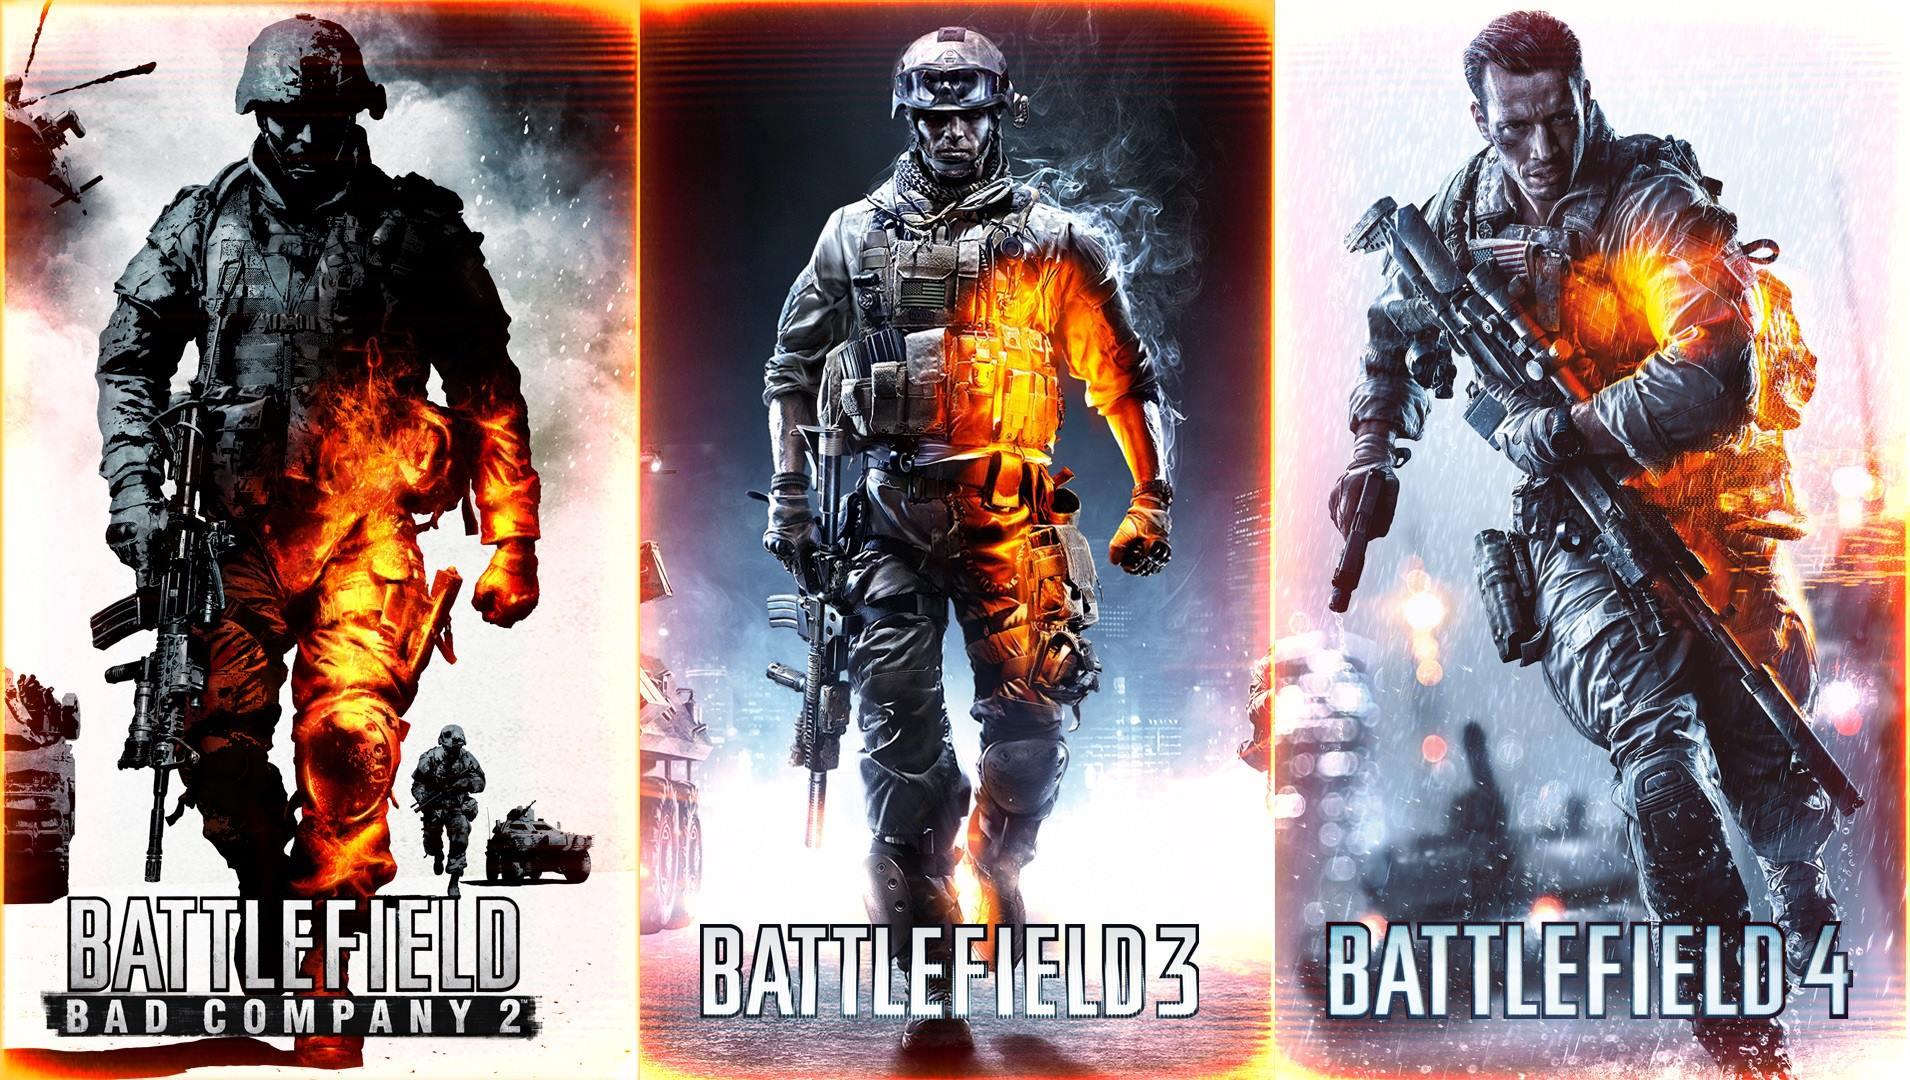 Wallpaper Battlefield 3 Battlefield 4 Battlefield Bad Company